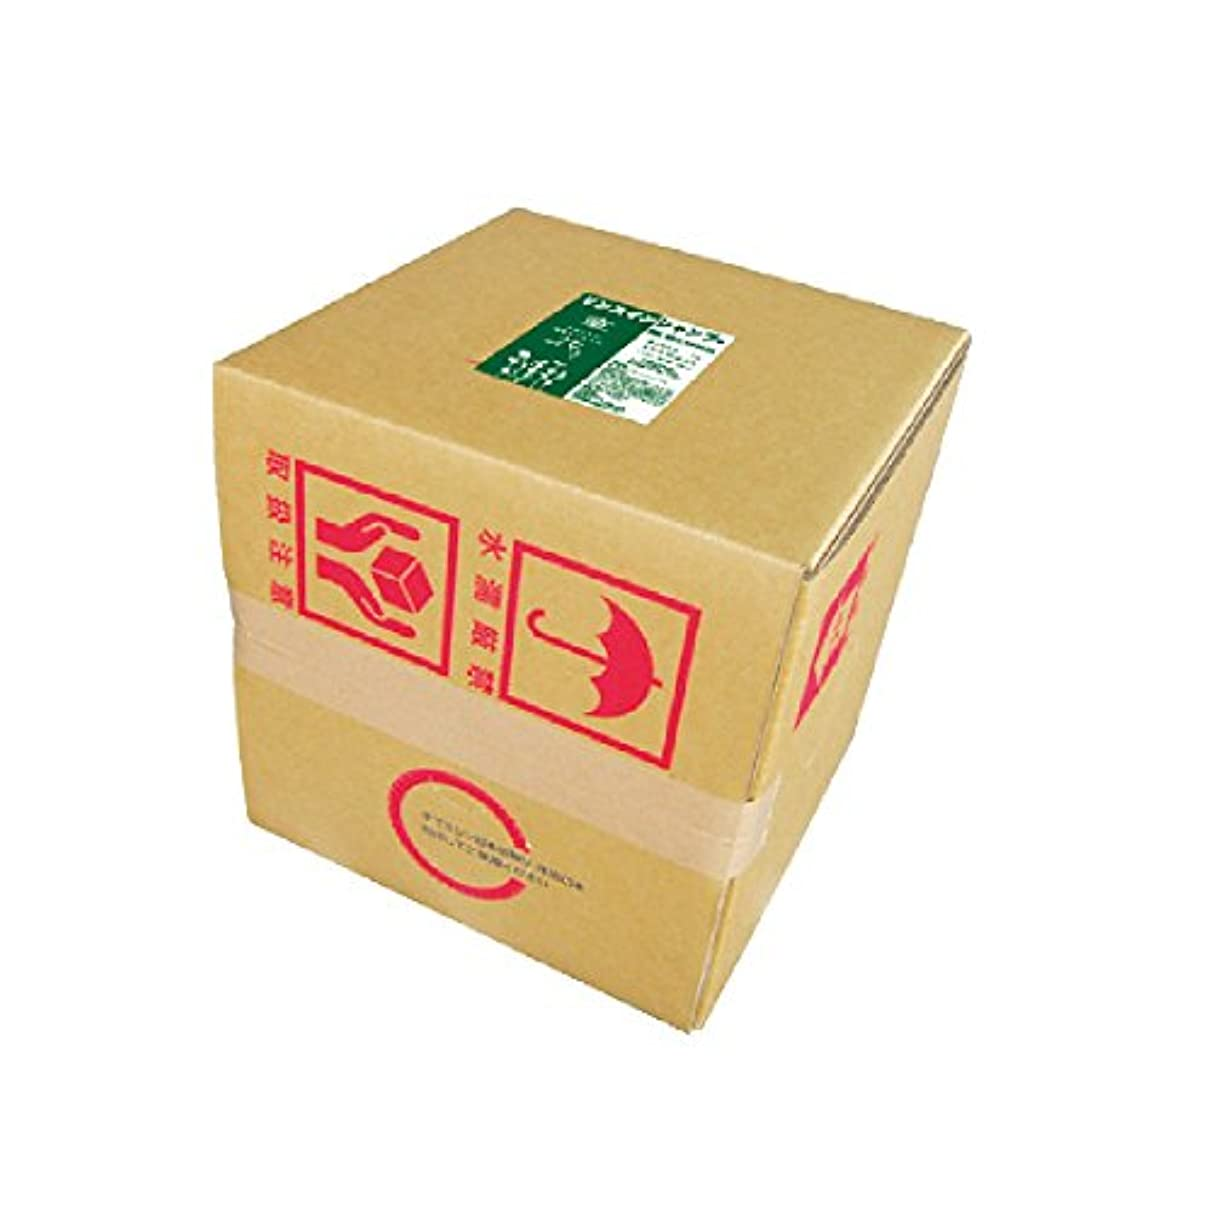 聡明郵便関係するくさの葉化粧品 ボディソープ 凛 5リットル